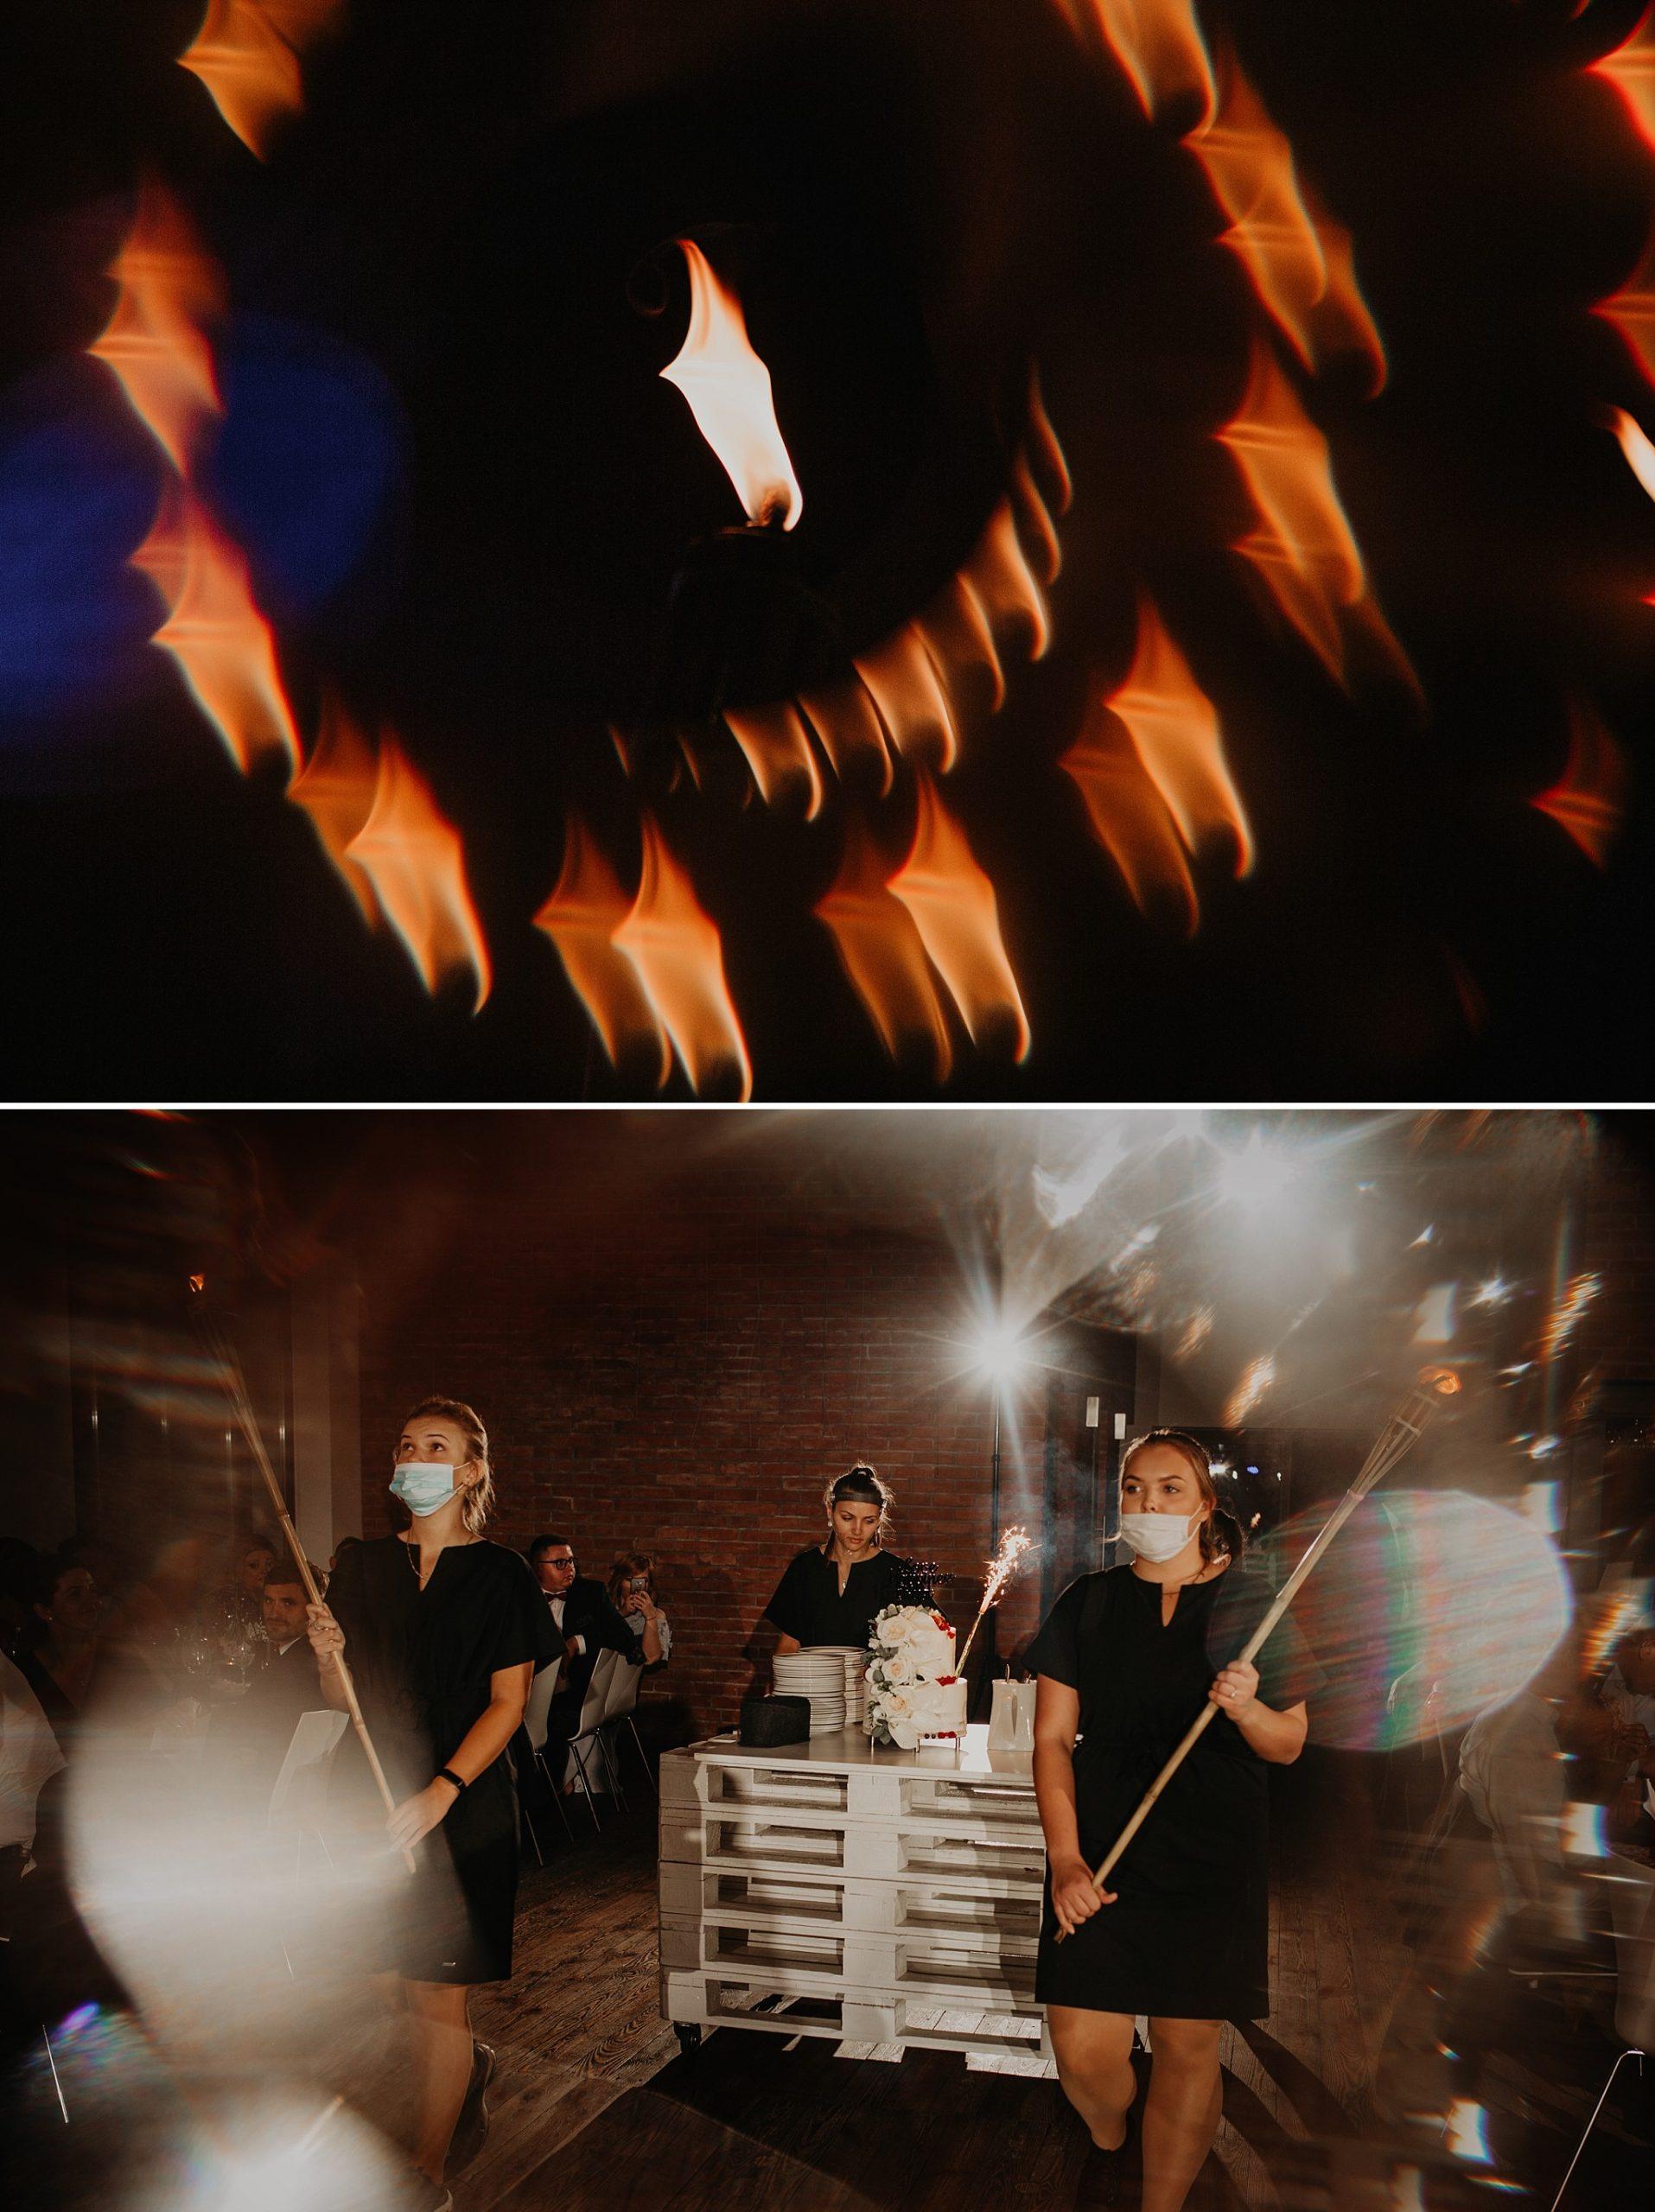 fotograf poznan wesele dobra truskawka piekne wesele pod poznaniem wesele w dobrej truskawce piekna para mloda slub marzen slub koronawirus slub listopad wesele koronawirus 495 scaled